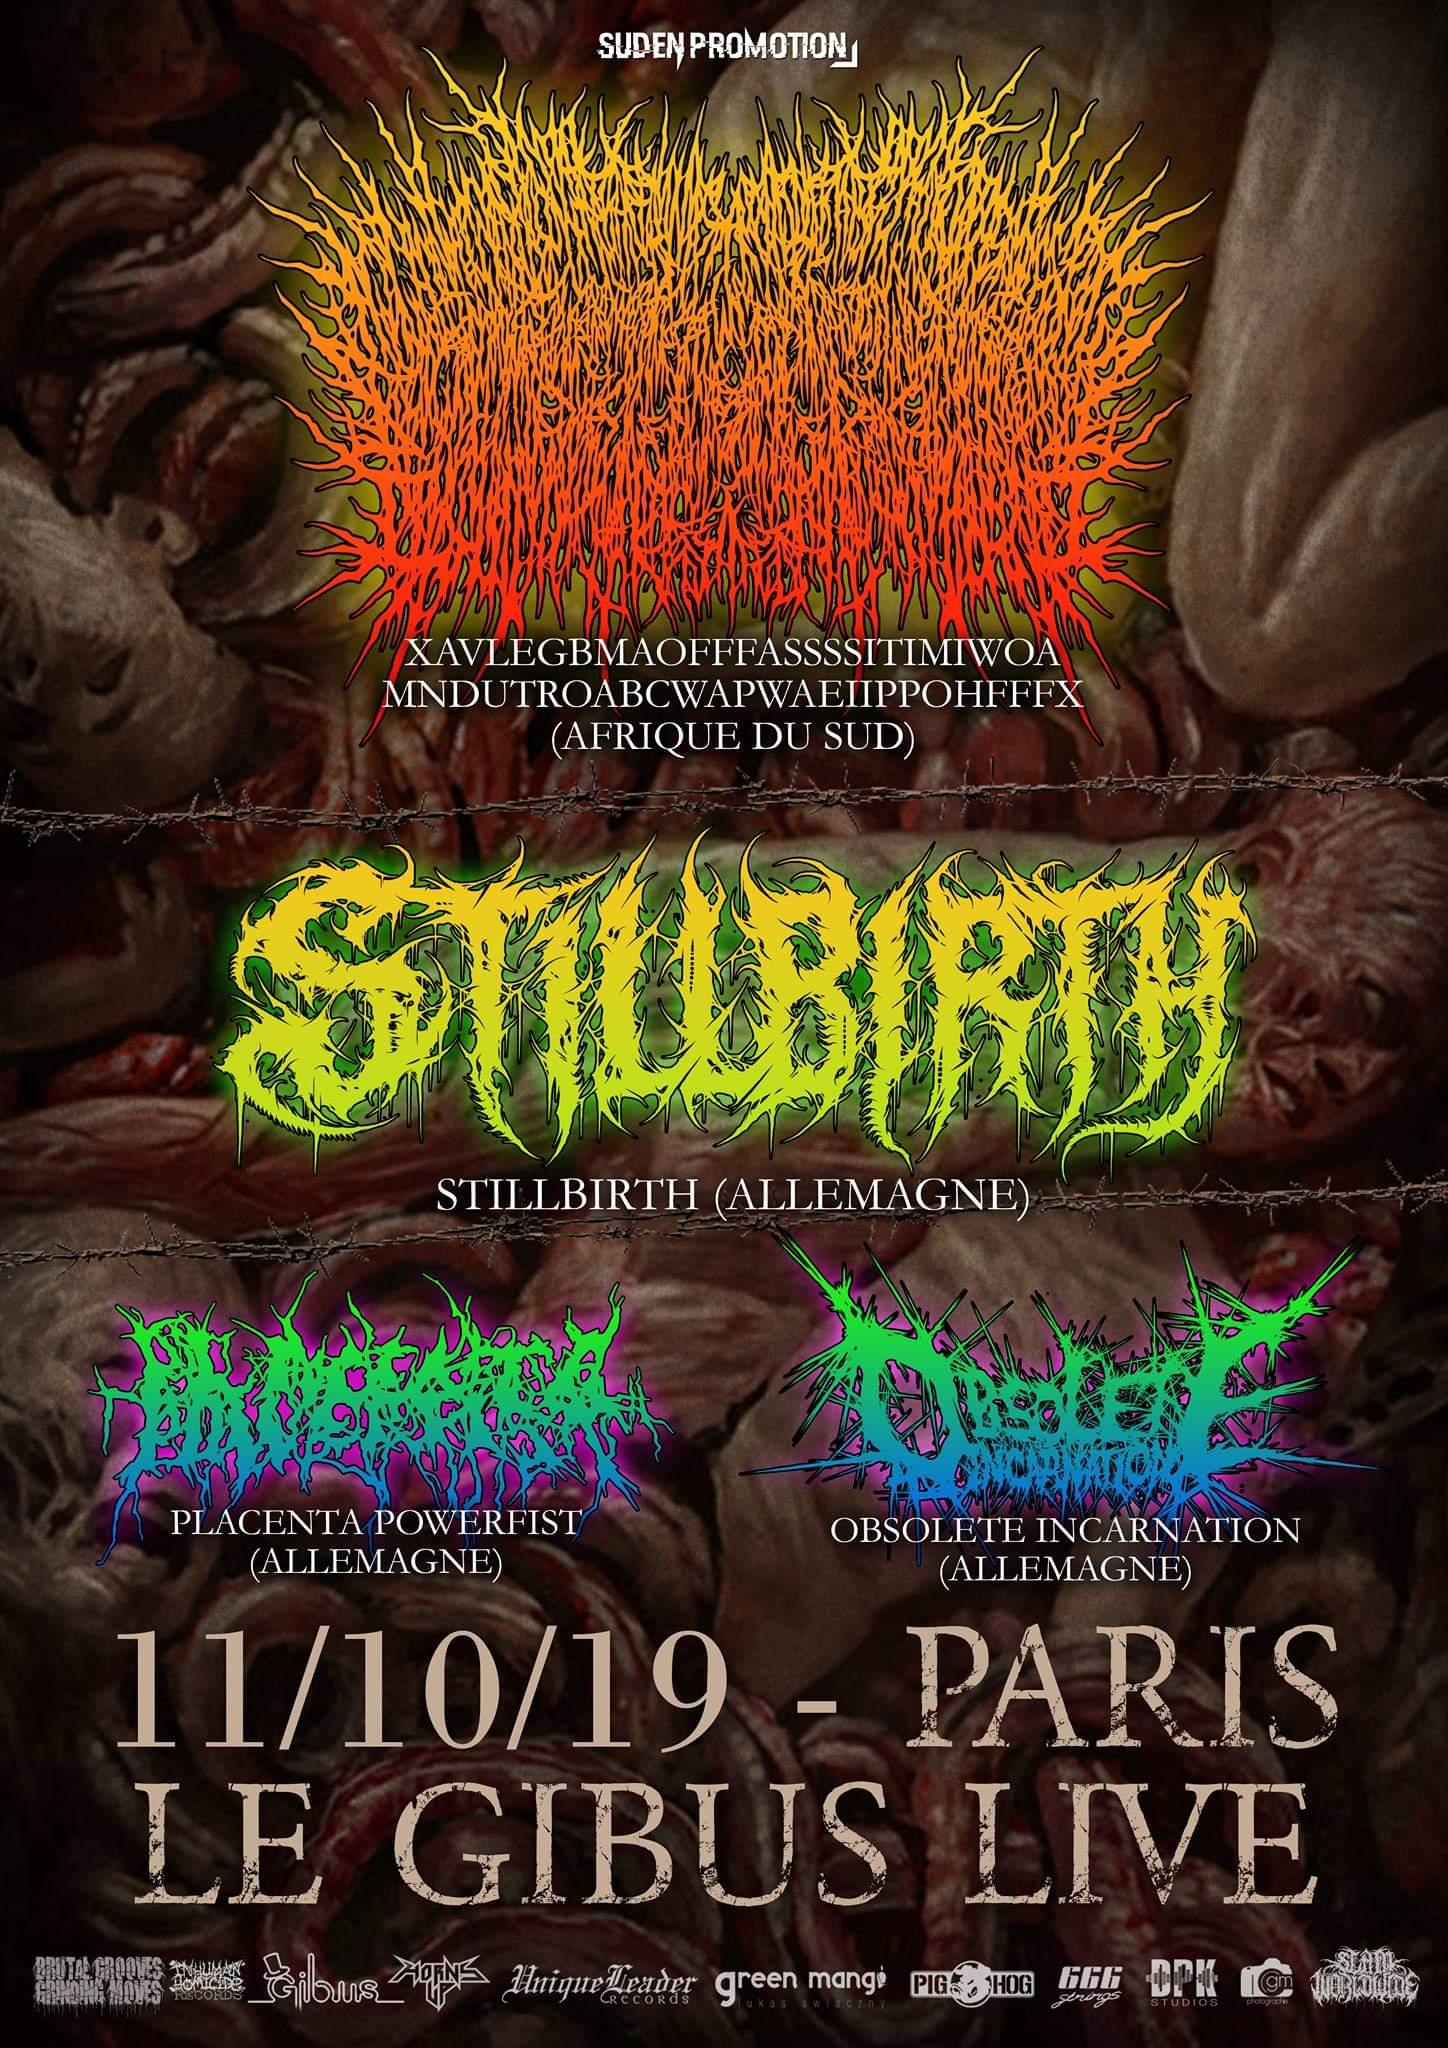 Concert de XavlegbmaofffassssitimiwoamndutroabcwapwaeiippohfffX, Stillbirth, Placenta Powerfist, Obsolete Incarnation au Gibus à Paris